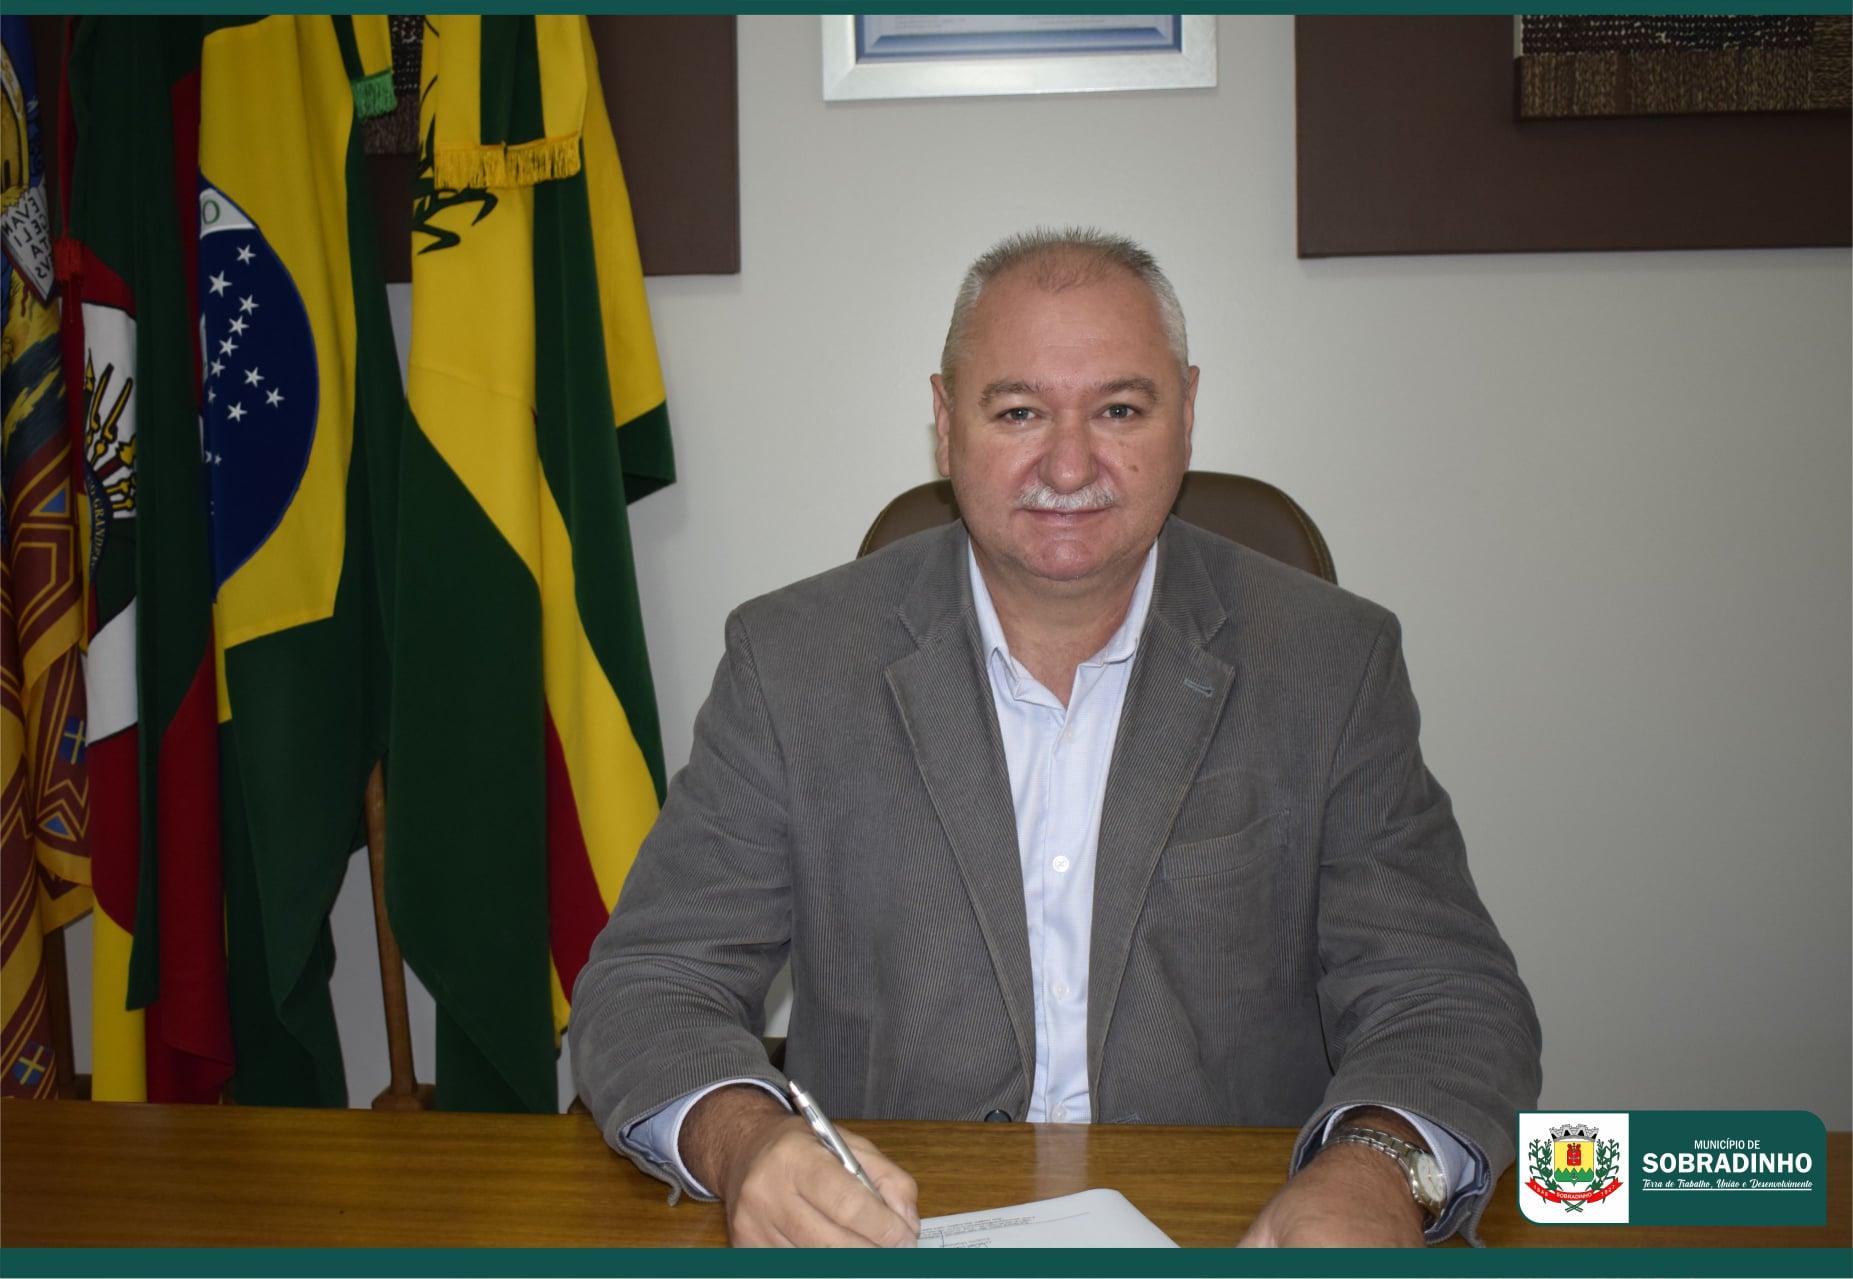 Administração de Sobradinho pretende comprar usina de asfalto